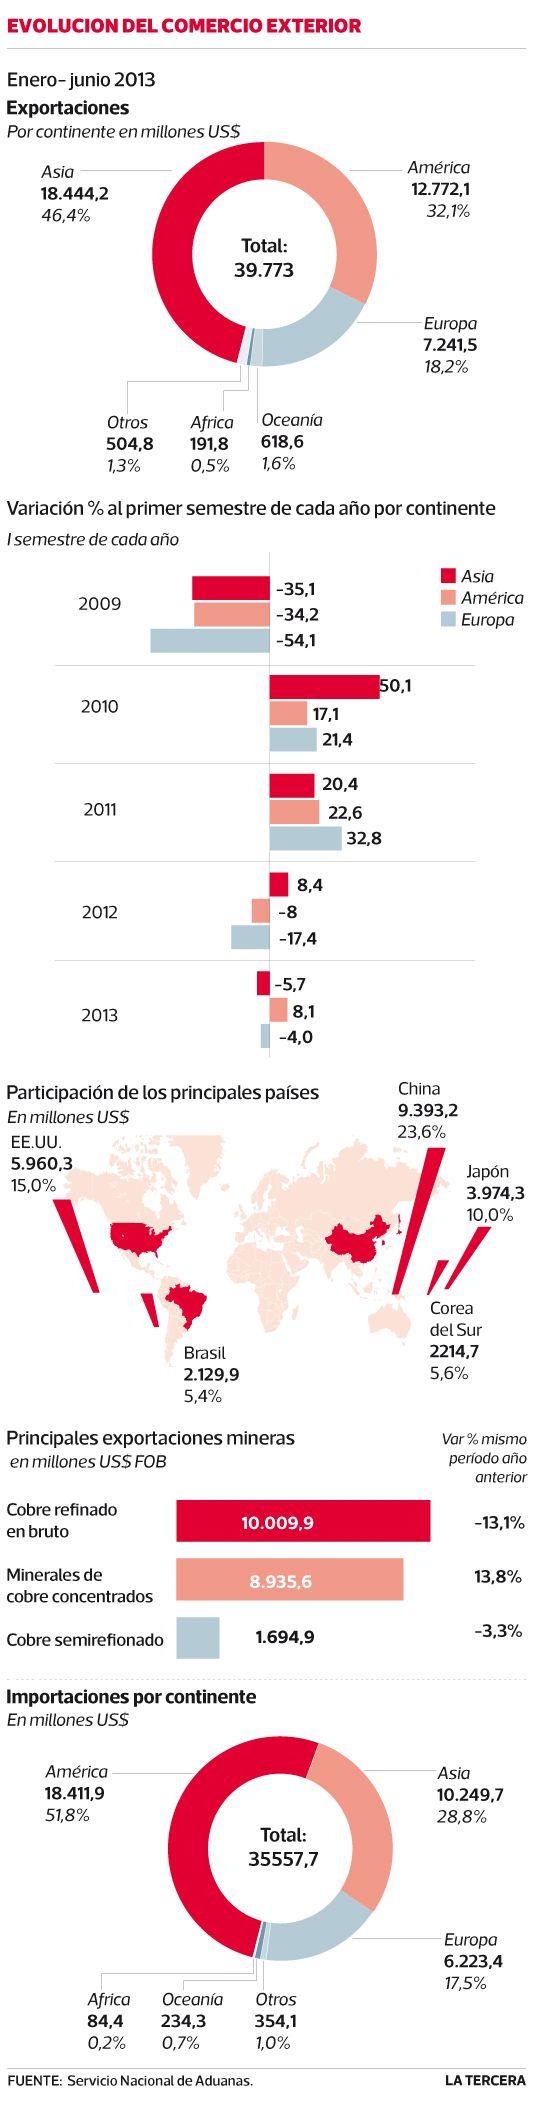 Exportaciones a Asia registran primera caída desde 2009 por #cobre. #Chile julio 2013